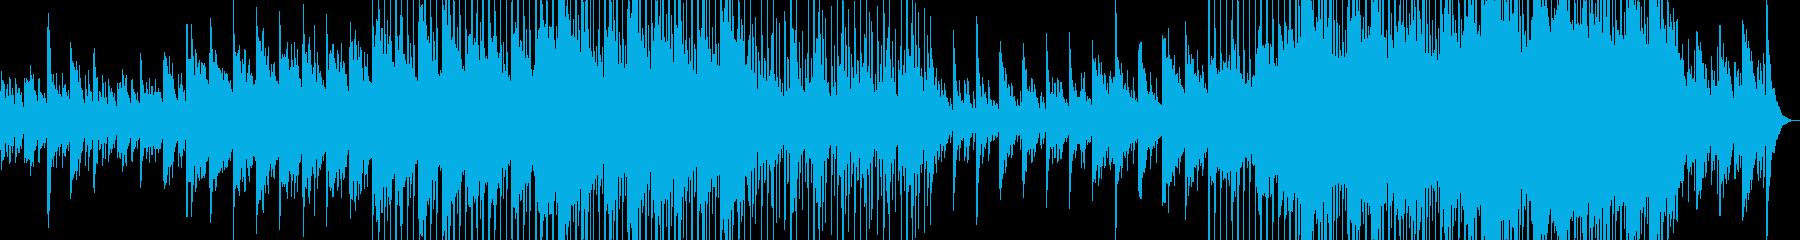 心休まるピアノのバラードの再生済みの波形